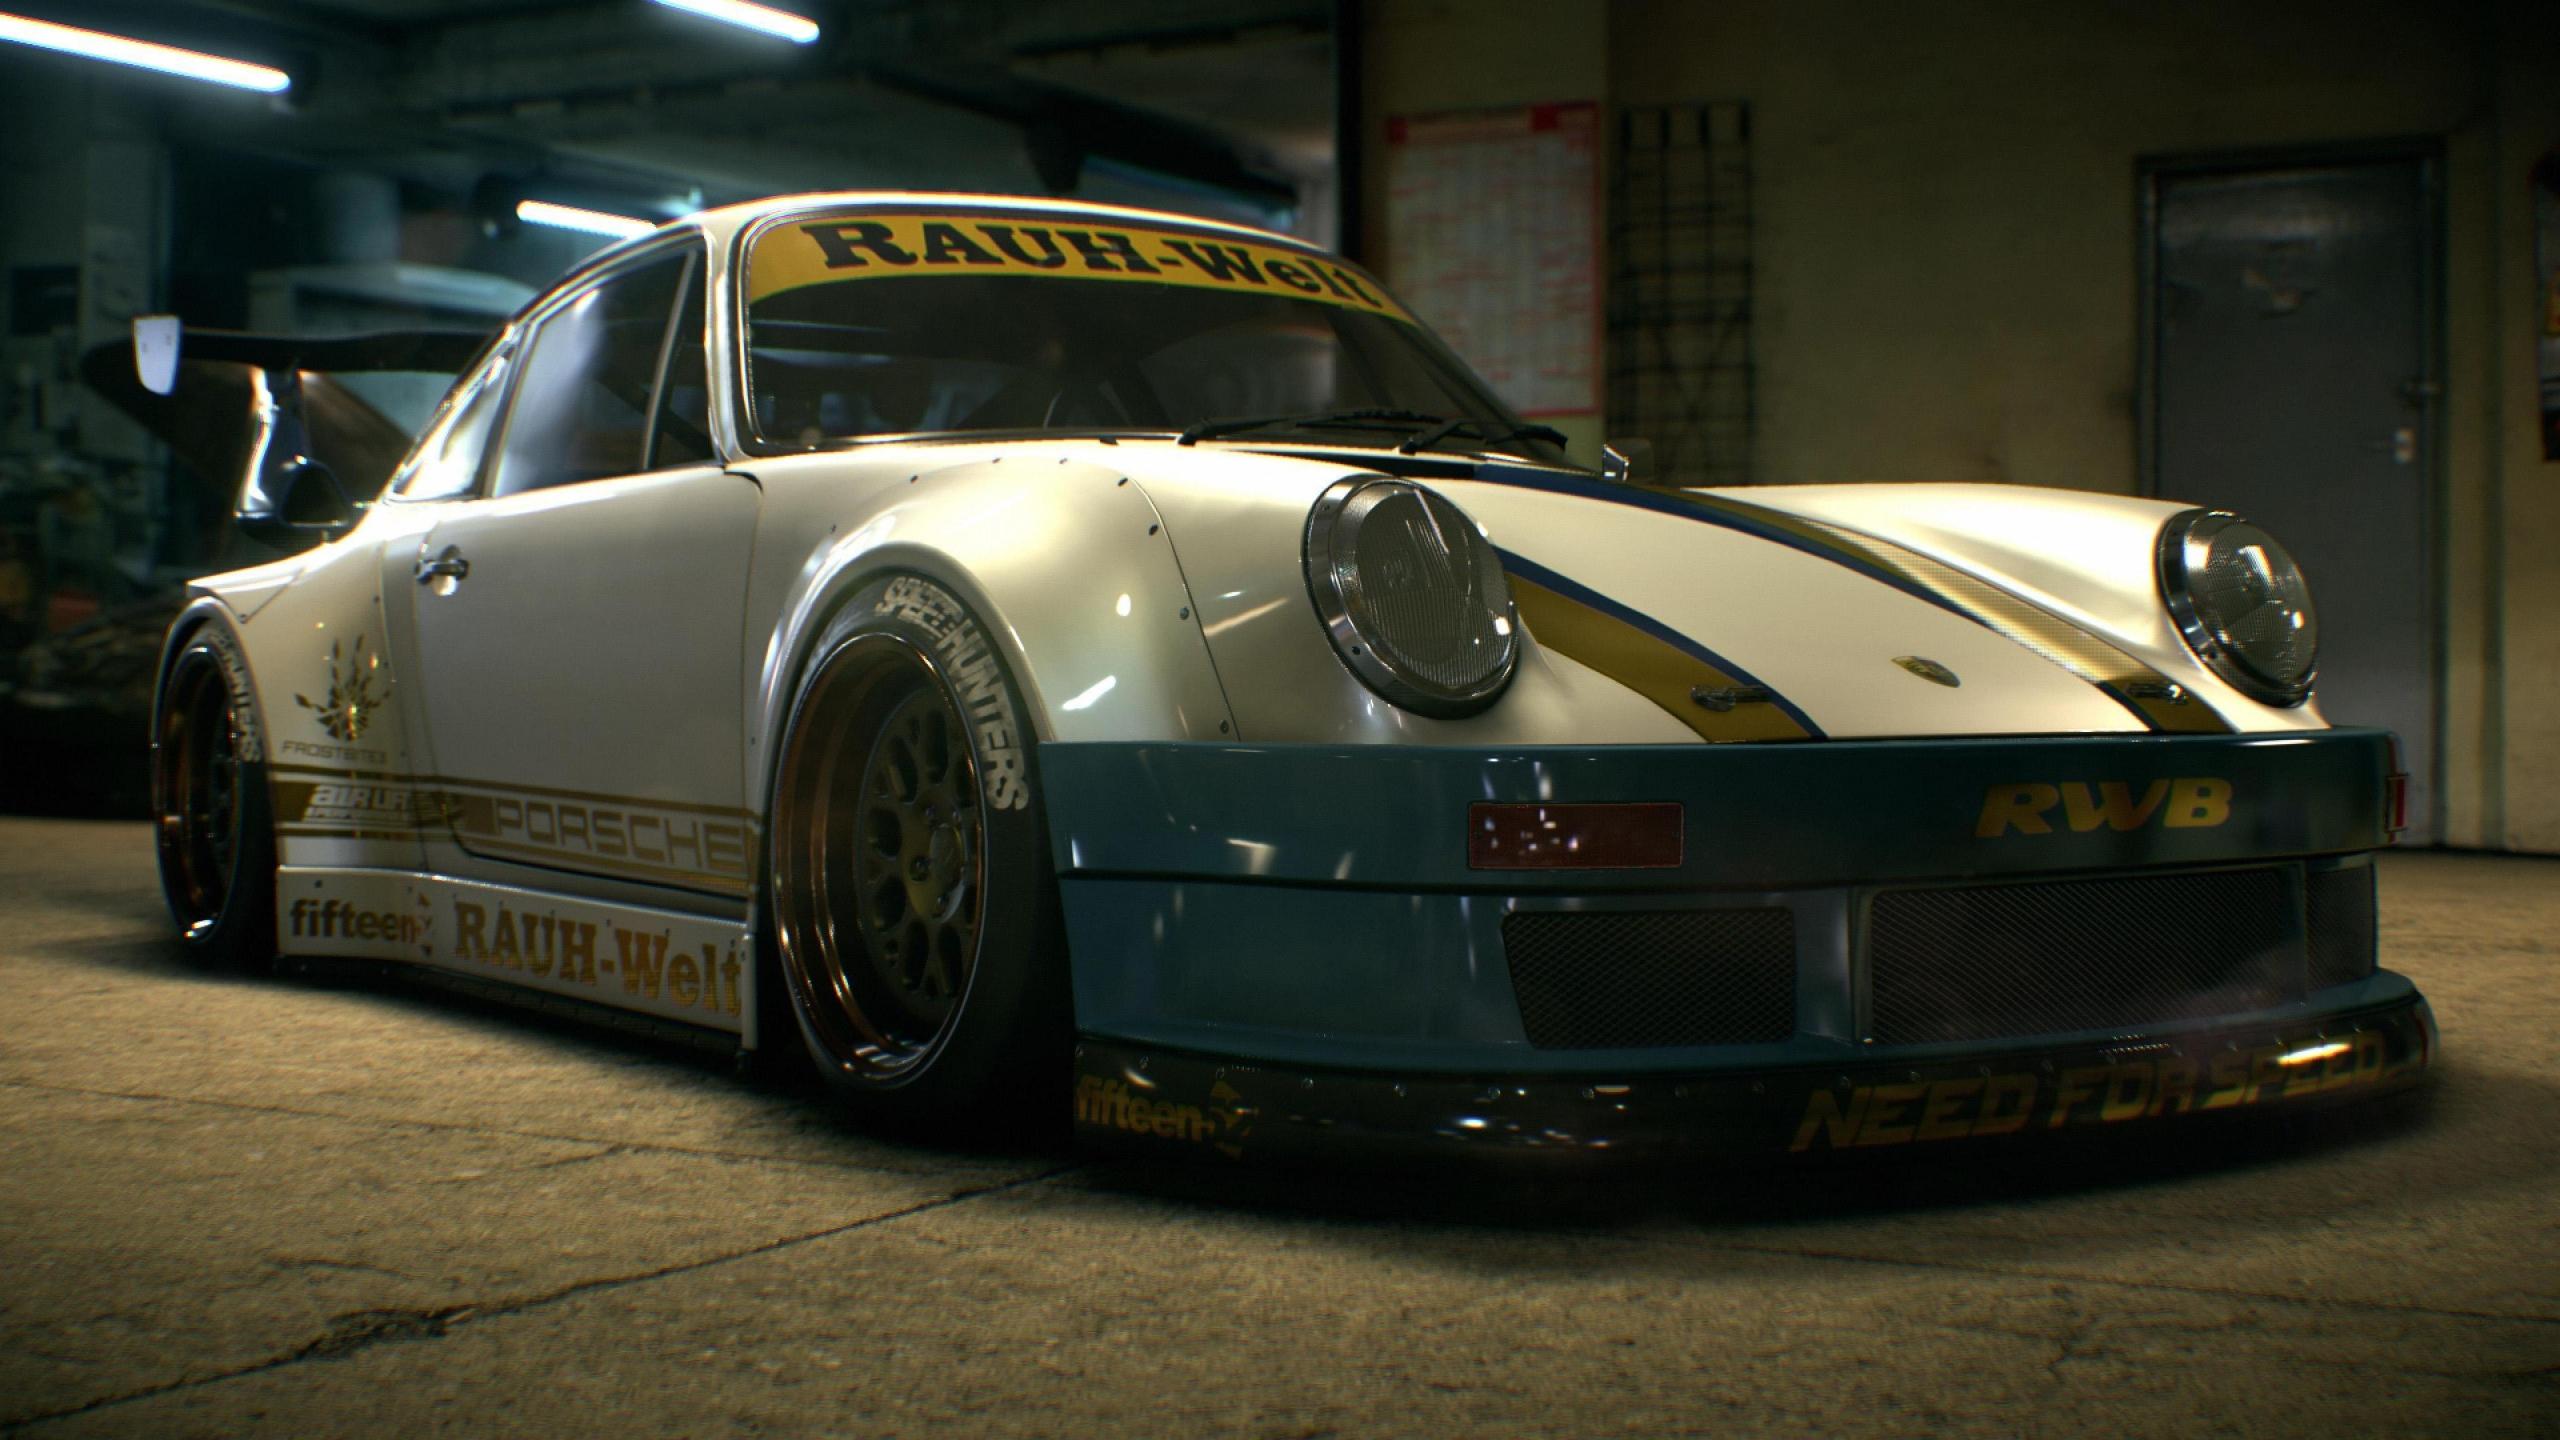 Need For Speed Porsche Rauh Welt 2560x1440 Hdtv Wallpaper